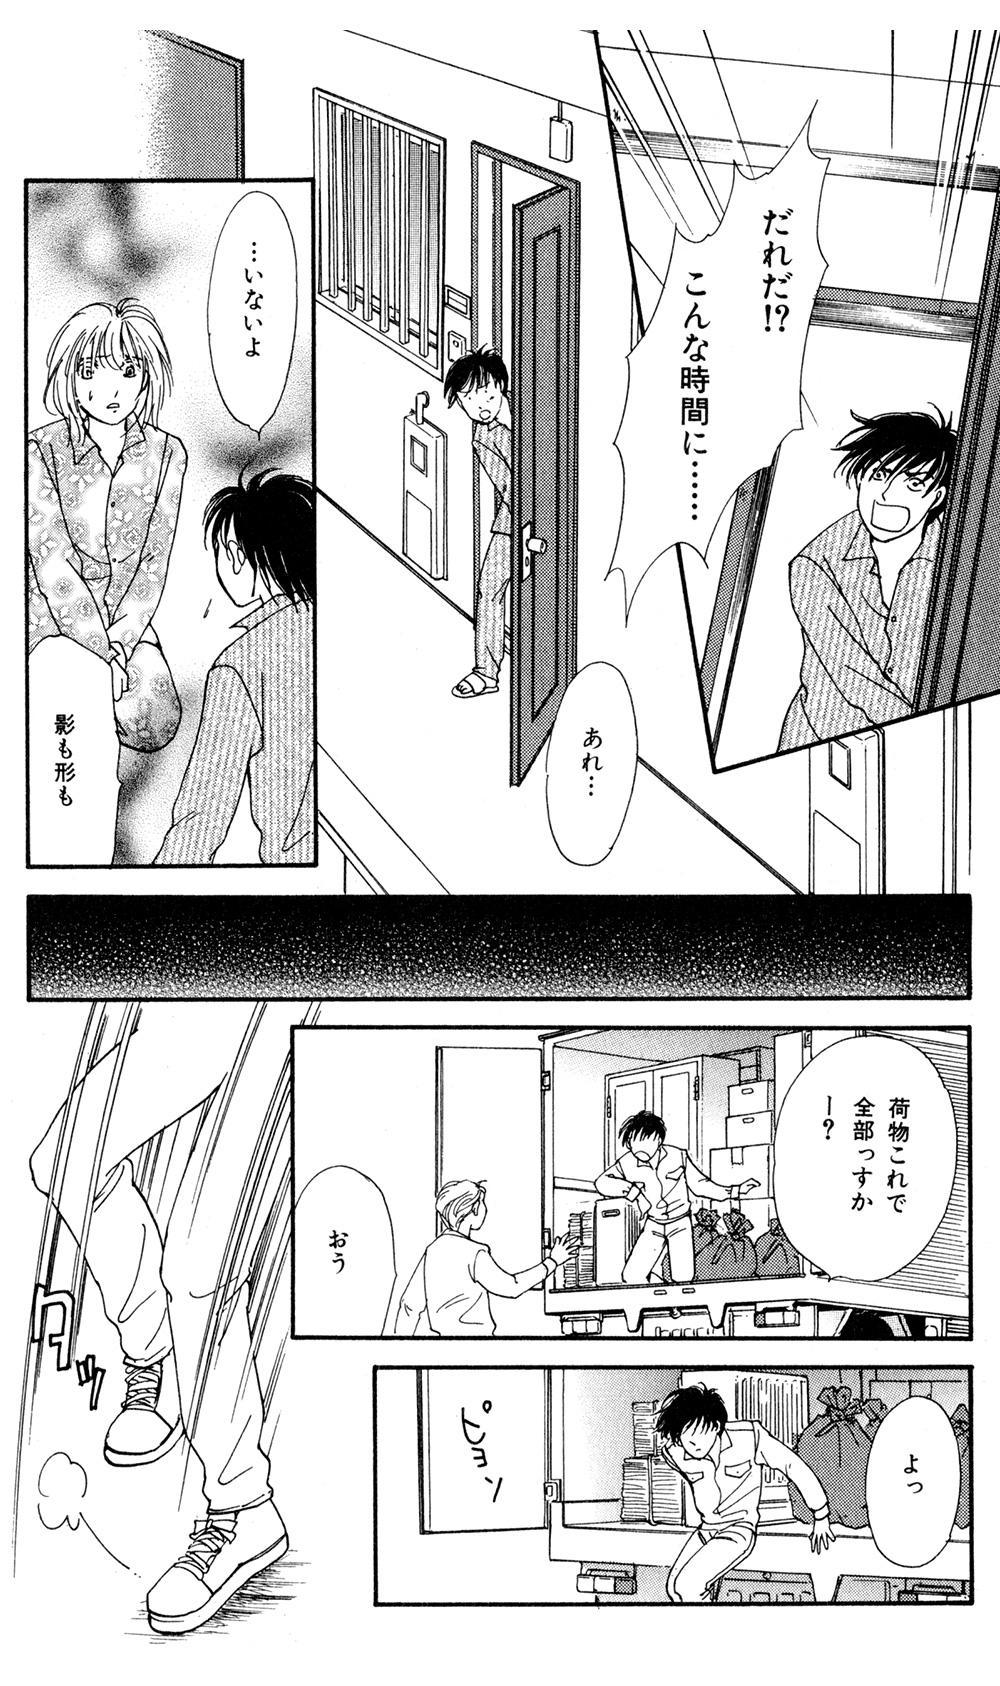 魔百合の恐怖報告 「災いを呼ぶ老婆」①rouba02-03.jpg